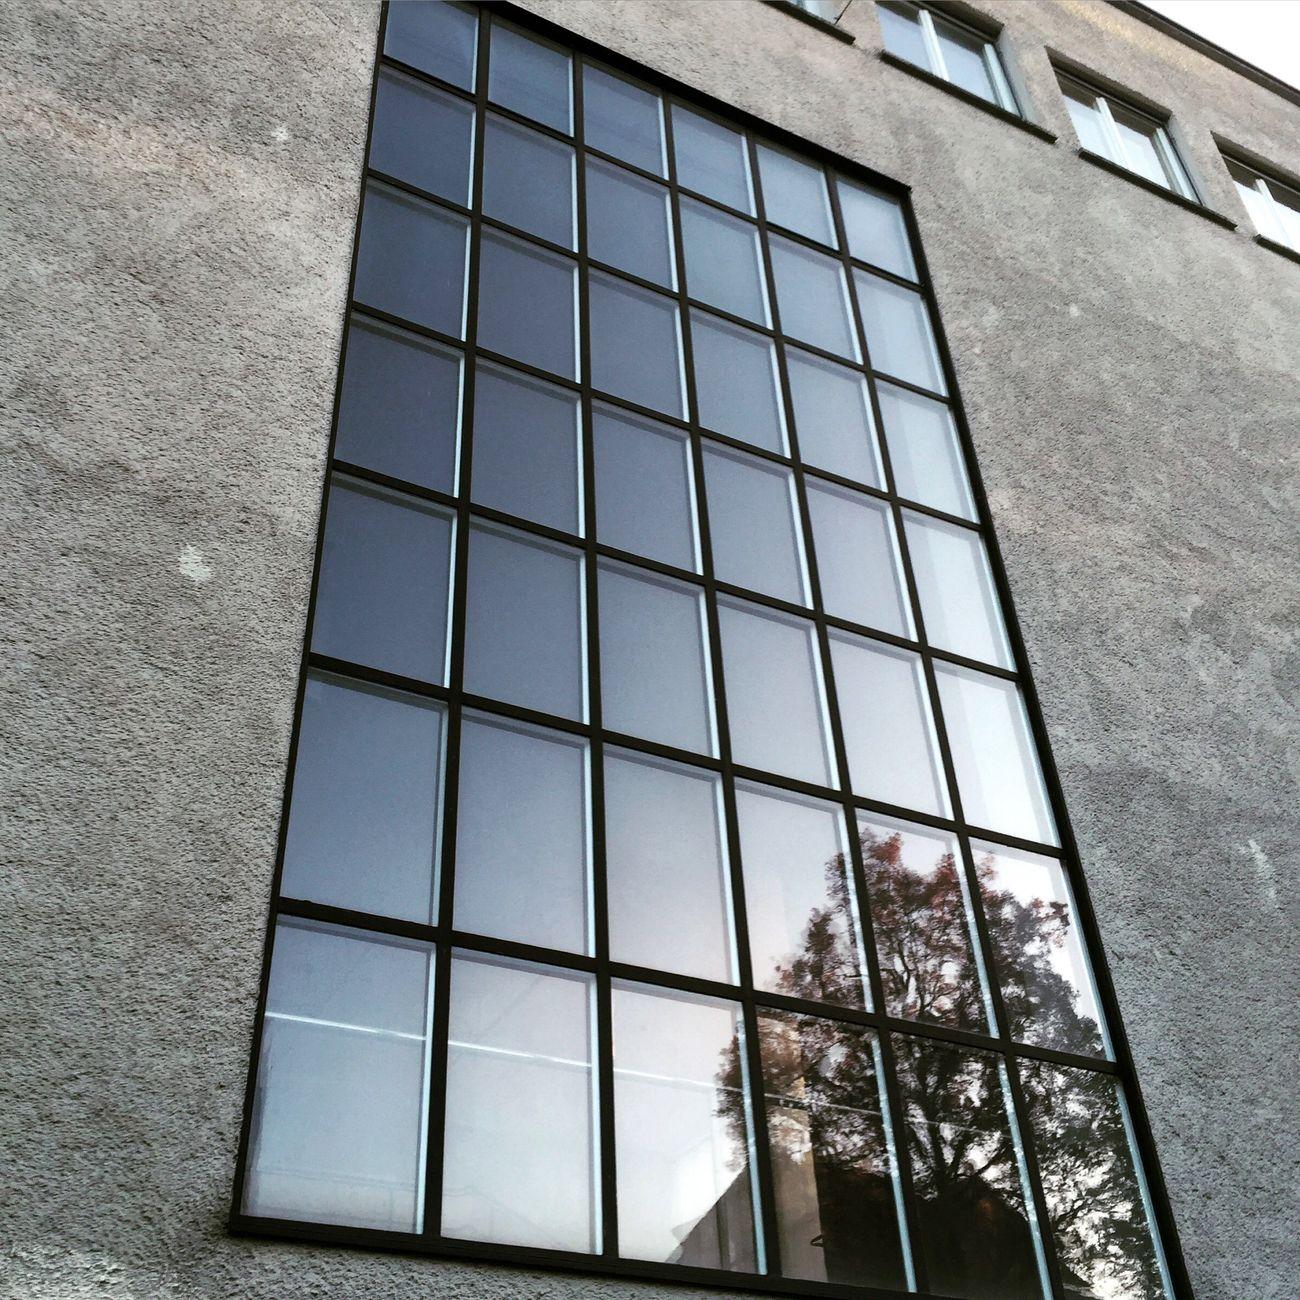 """Another one of my """"Neues Bauen"""" Series. Zürich Neuesbauen International Style Architecture 1930s Swissstyle Reflection Glass Architectural Detail"""